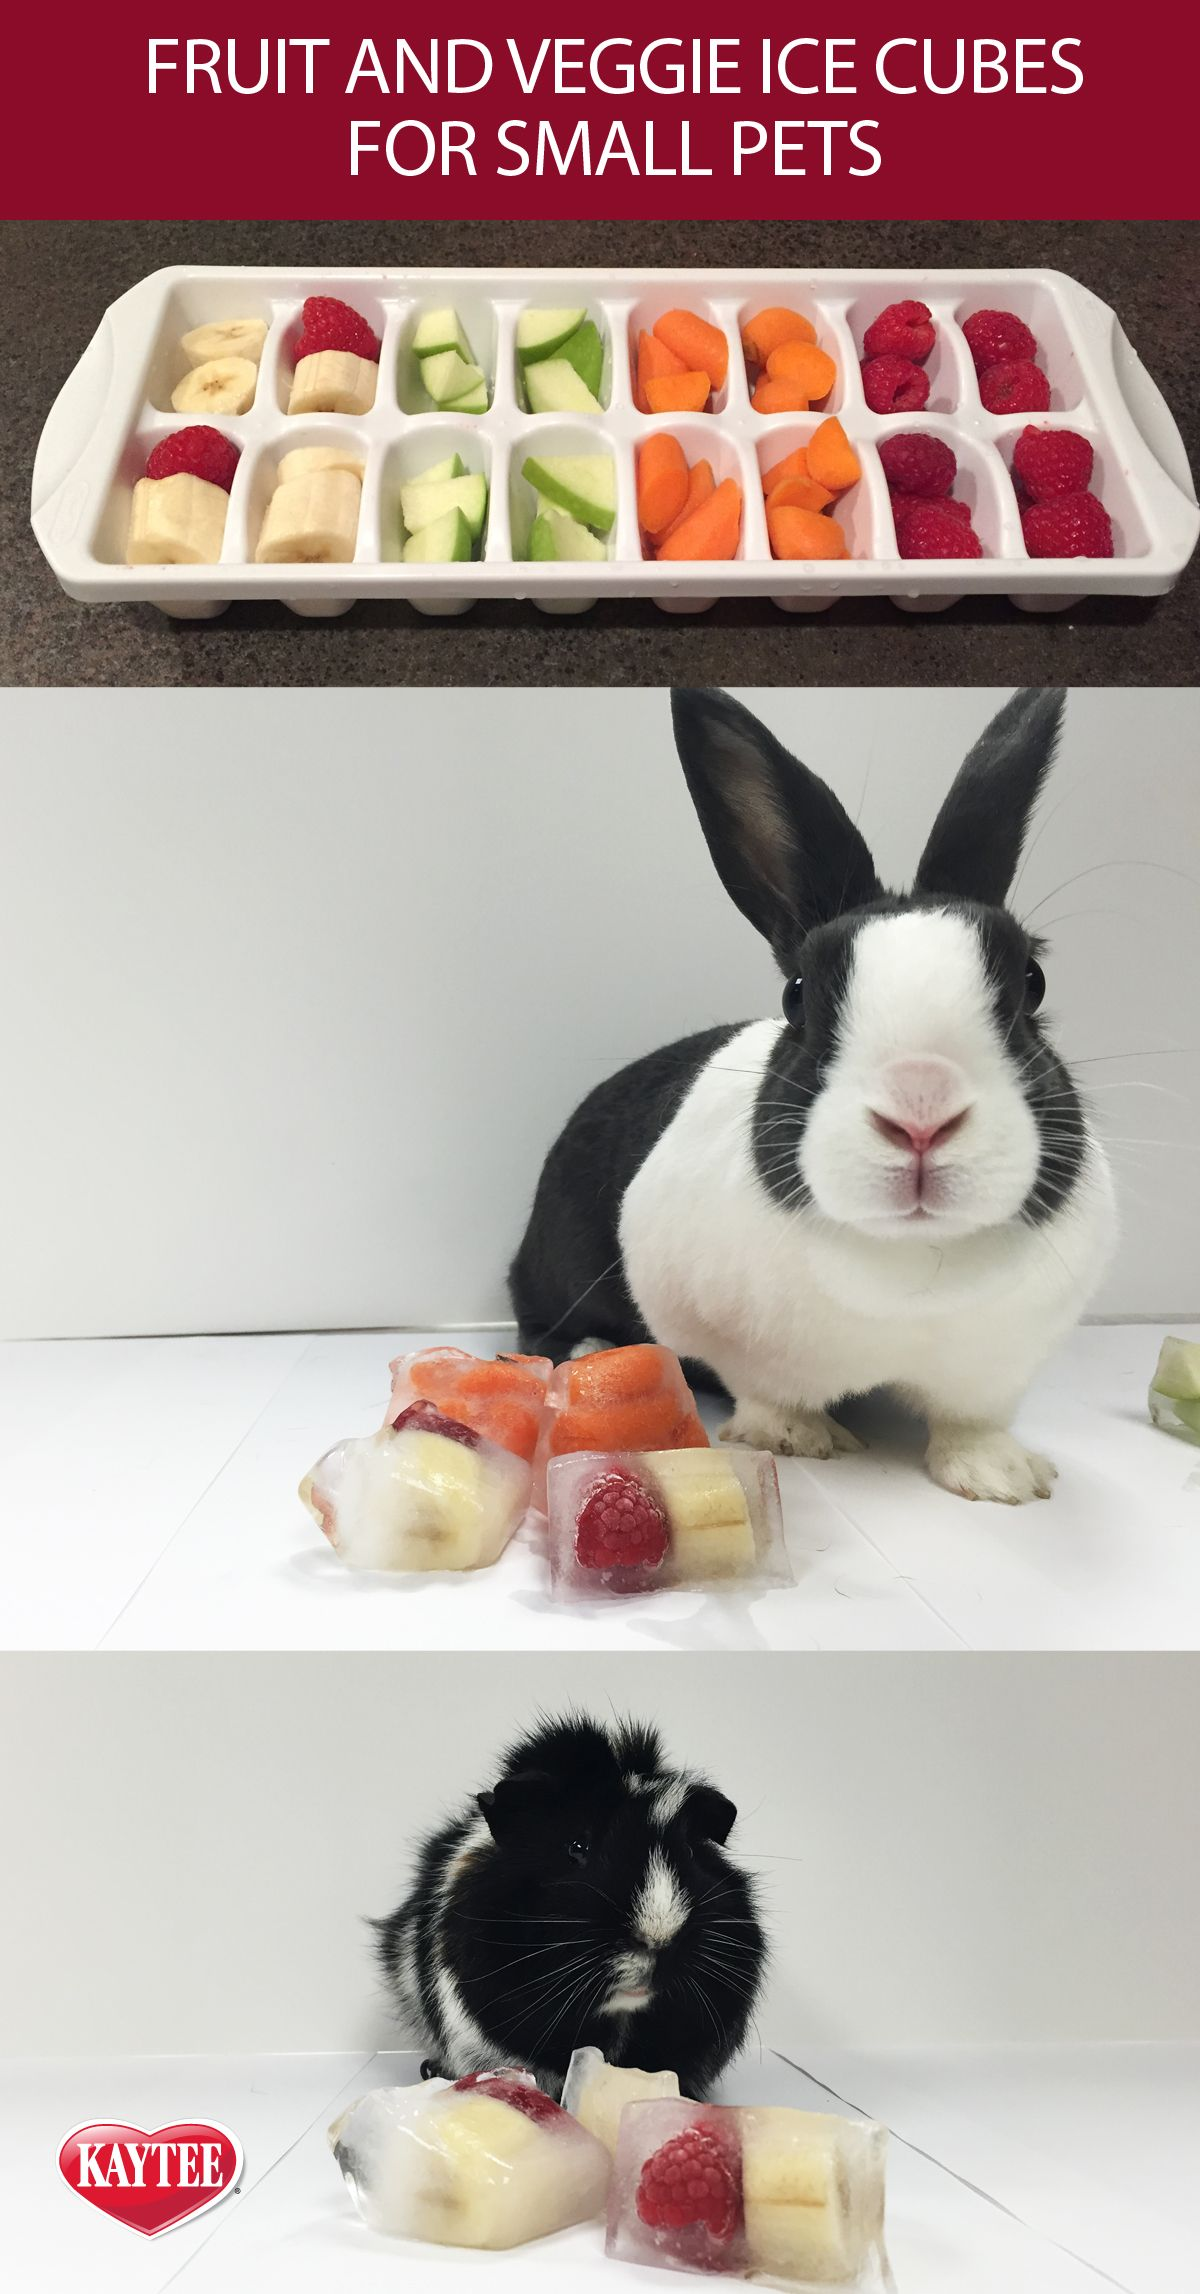 M s de 25 ideas incre bles sobre juguetes para cobayas en pinterest juguetes para hamster - Juguetes caseros para conejos ...